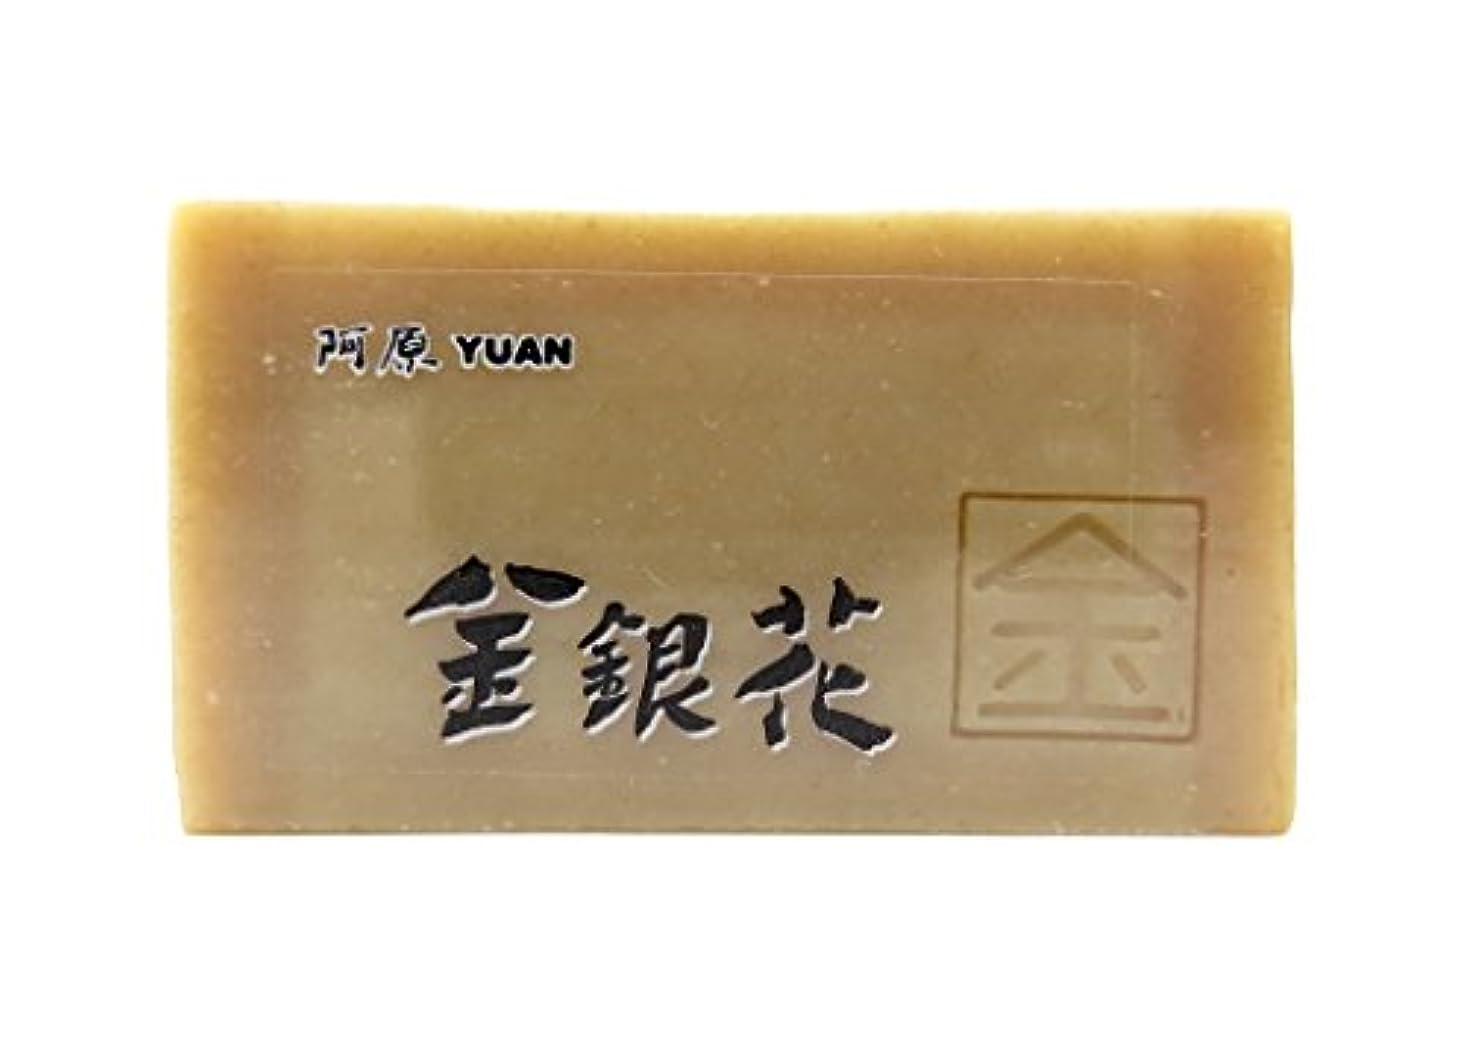 風邪をひくディレクター主張ユアン(YUAN) 金銀花(きんぎんか)ソープ 固形 100g (阿原 ユアンソープ)